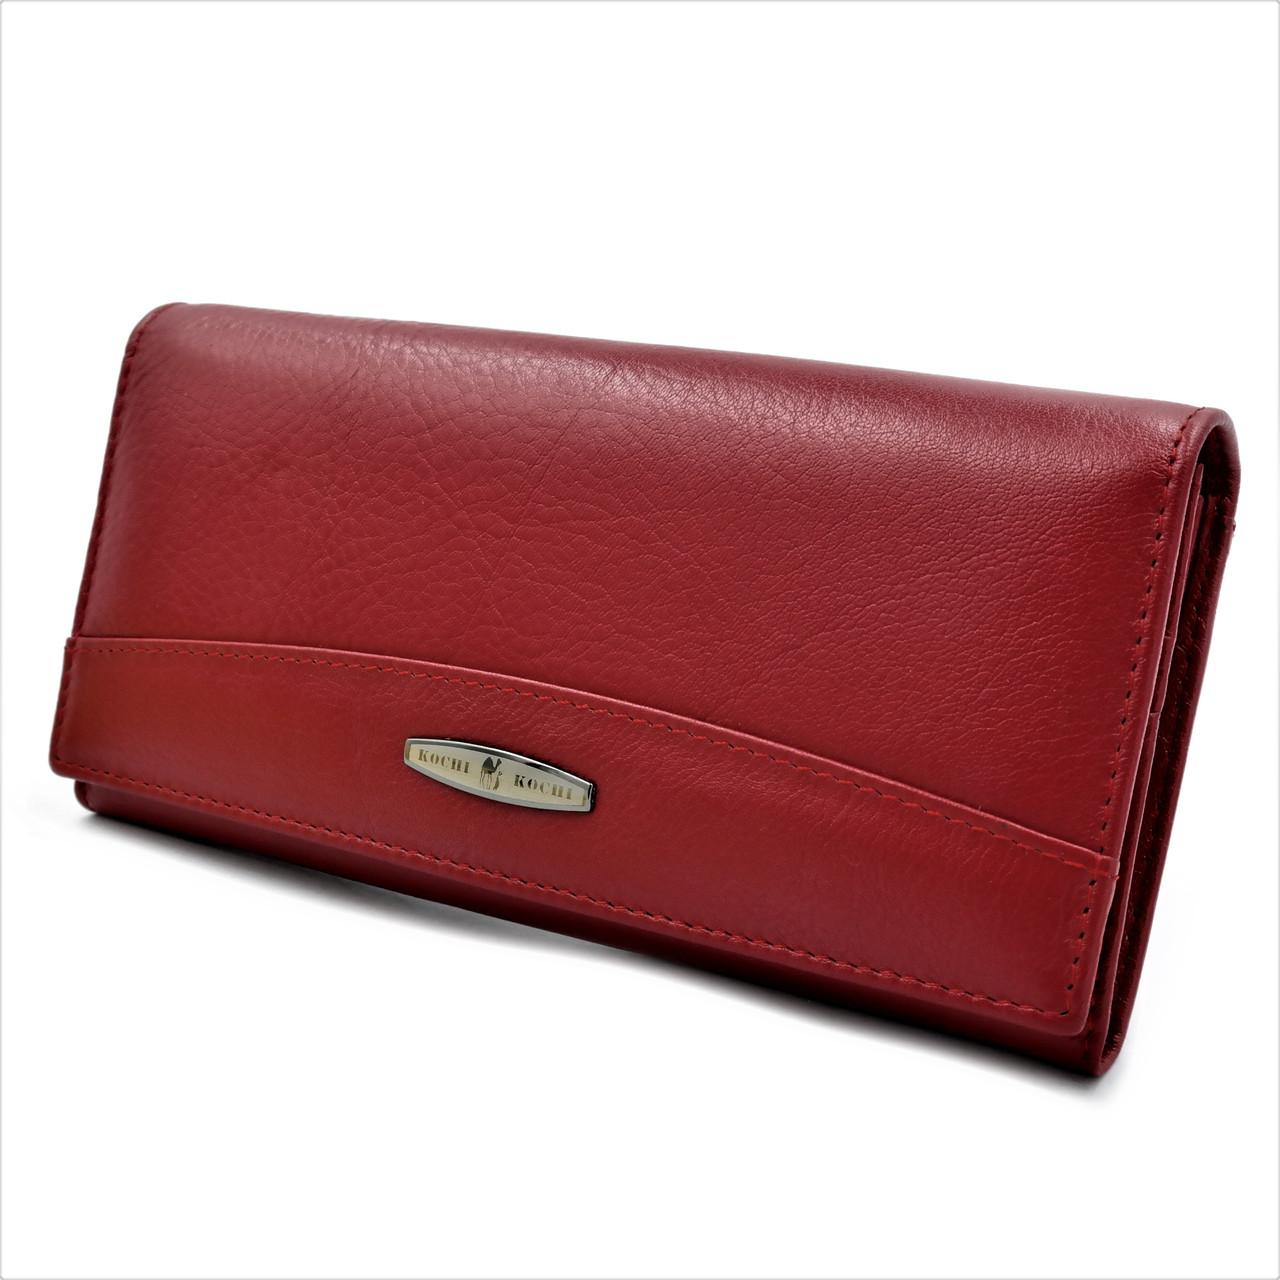 Женский кожаный кошелек Красный Качественный современный кошелек для девушки Кожаный кошелек для девушки